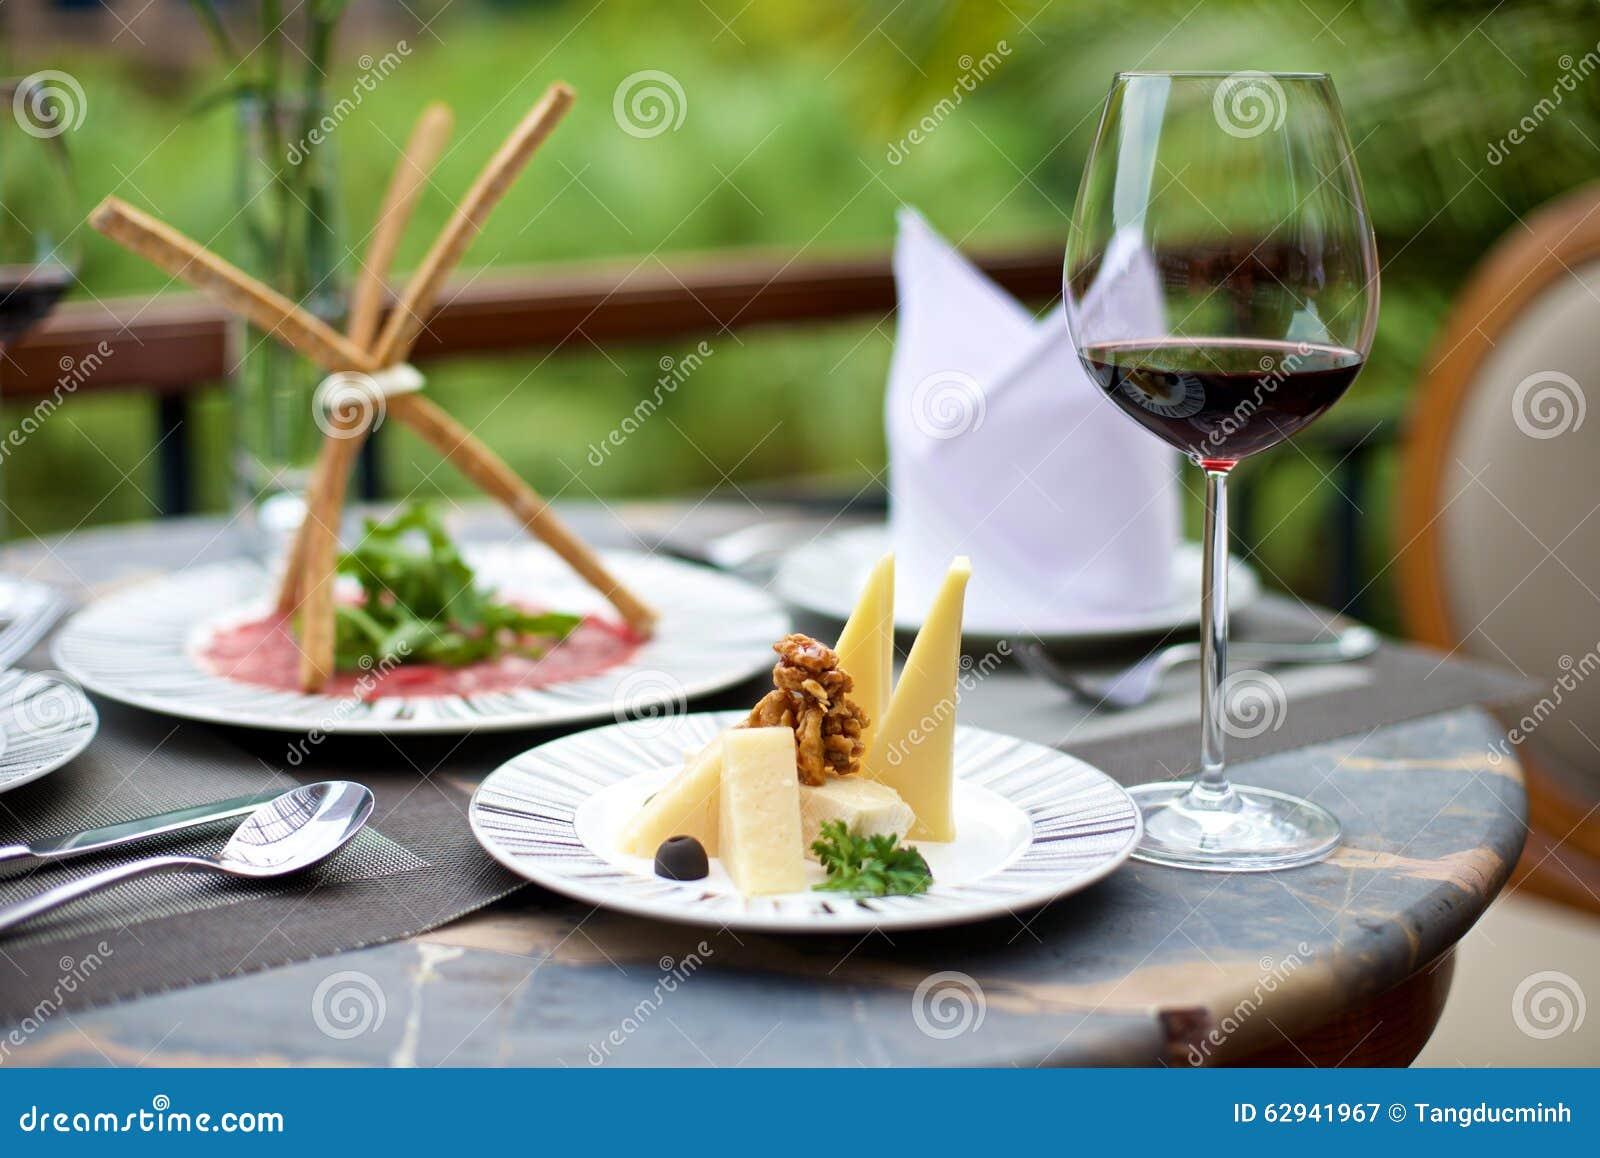 Изысканные закуски с различными сыром и вином